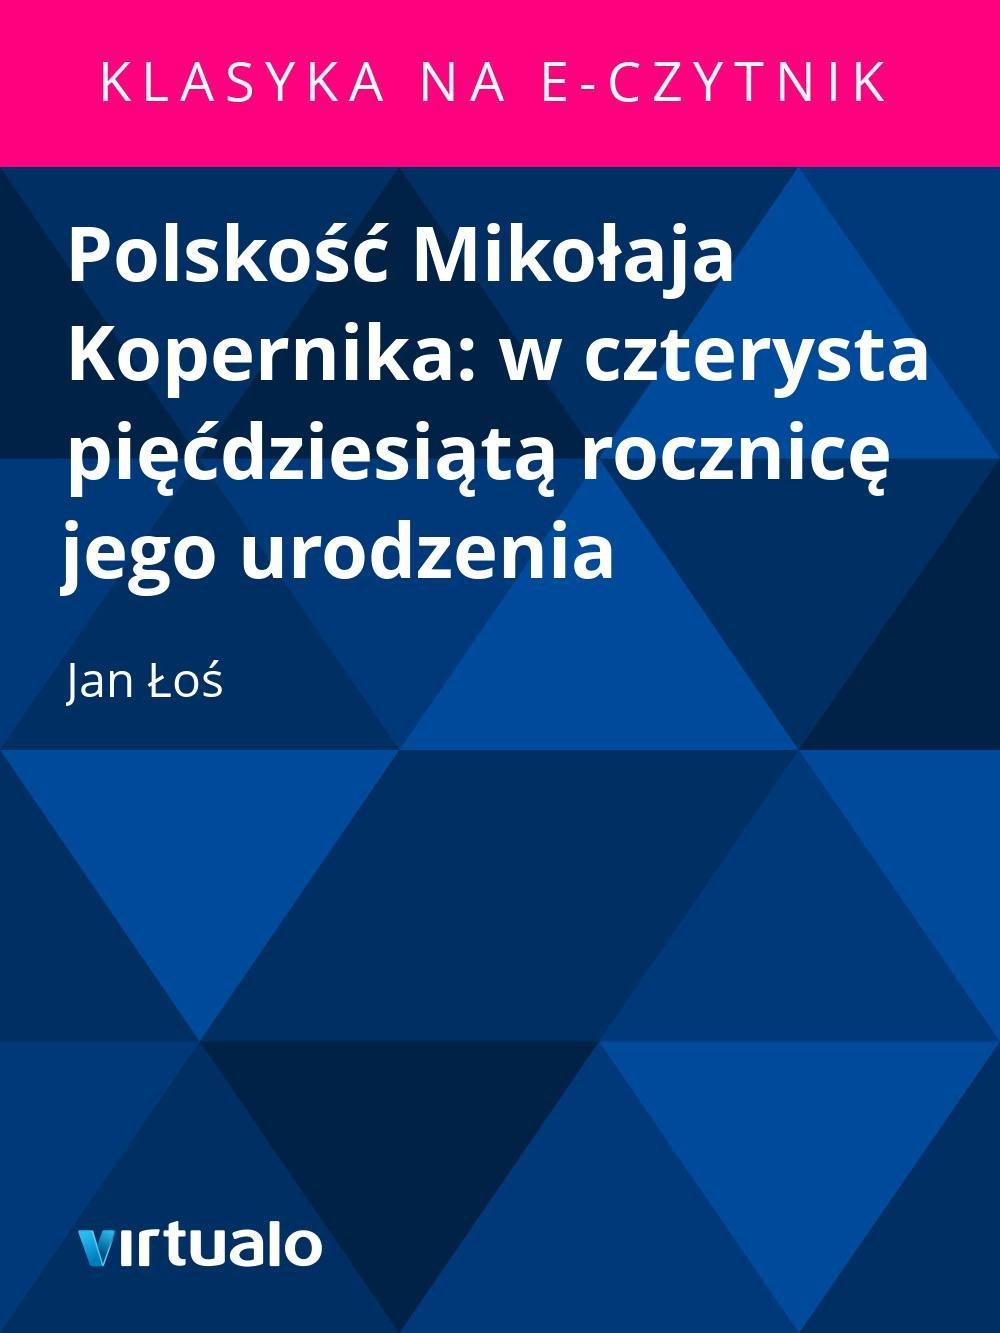 Polskość Mikołaja Kopernika: w czterysta pięćdziesiątą rocznicę jego urodzenia - Ebook (Książka EPUB) do pobrania w formacie EPUB